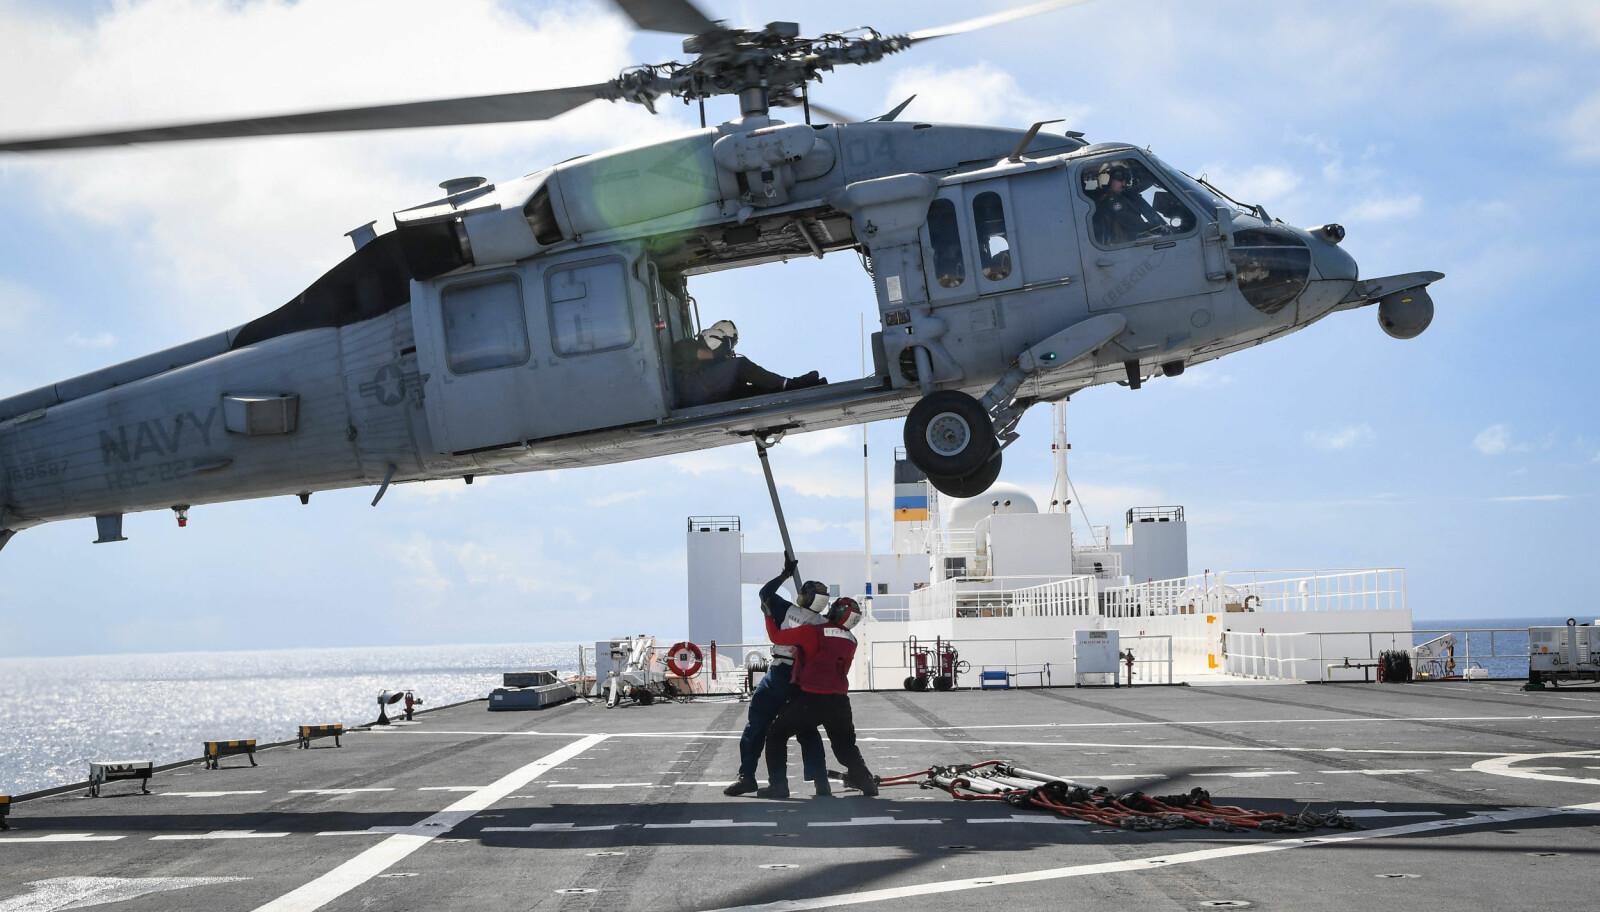 <b>PLATTFORM:</b> Et MH-60S Sea Hawk-helikopter i aksjon over dekket på USNS Comfort.